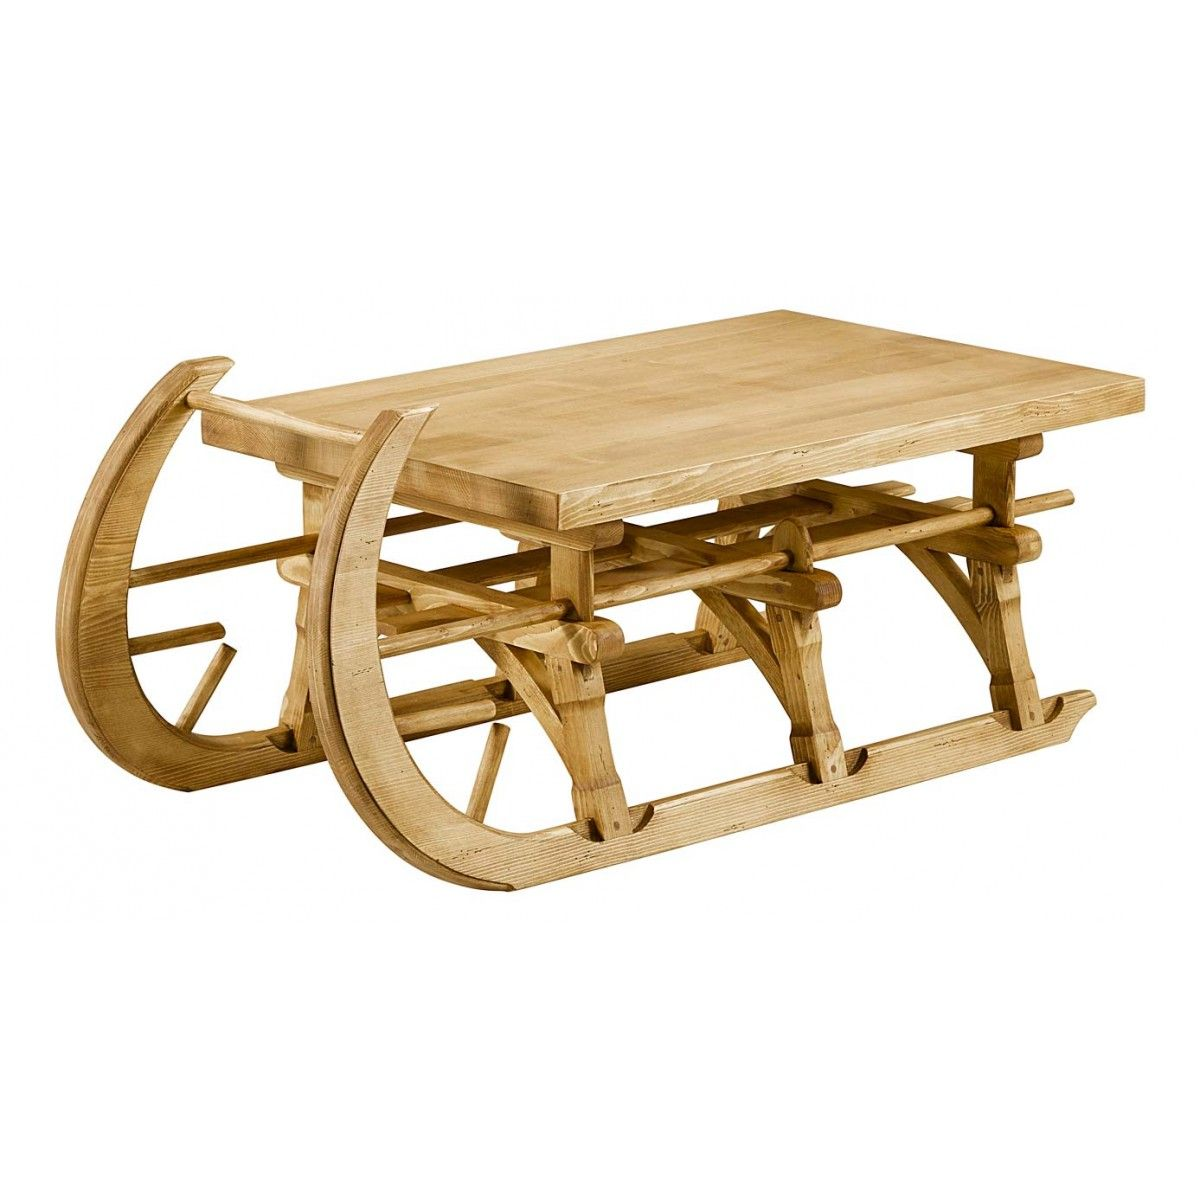 table basse luge pin bois id es cadeaux de no l meubles et d co ga pinterest table basse. Black Bedroom Furniture Sets. Home Design Ideas